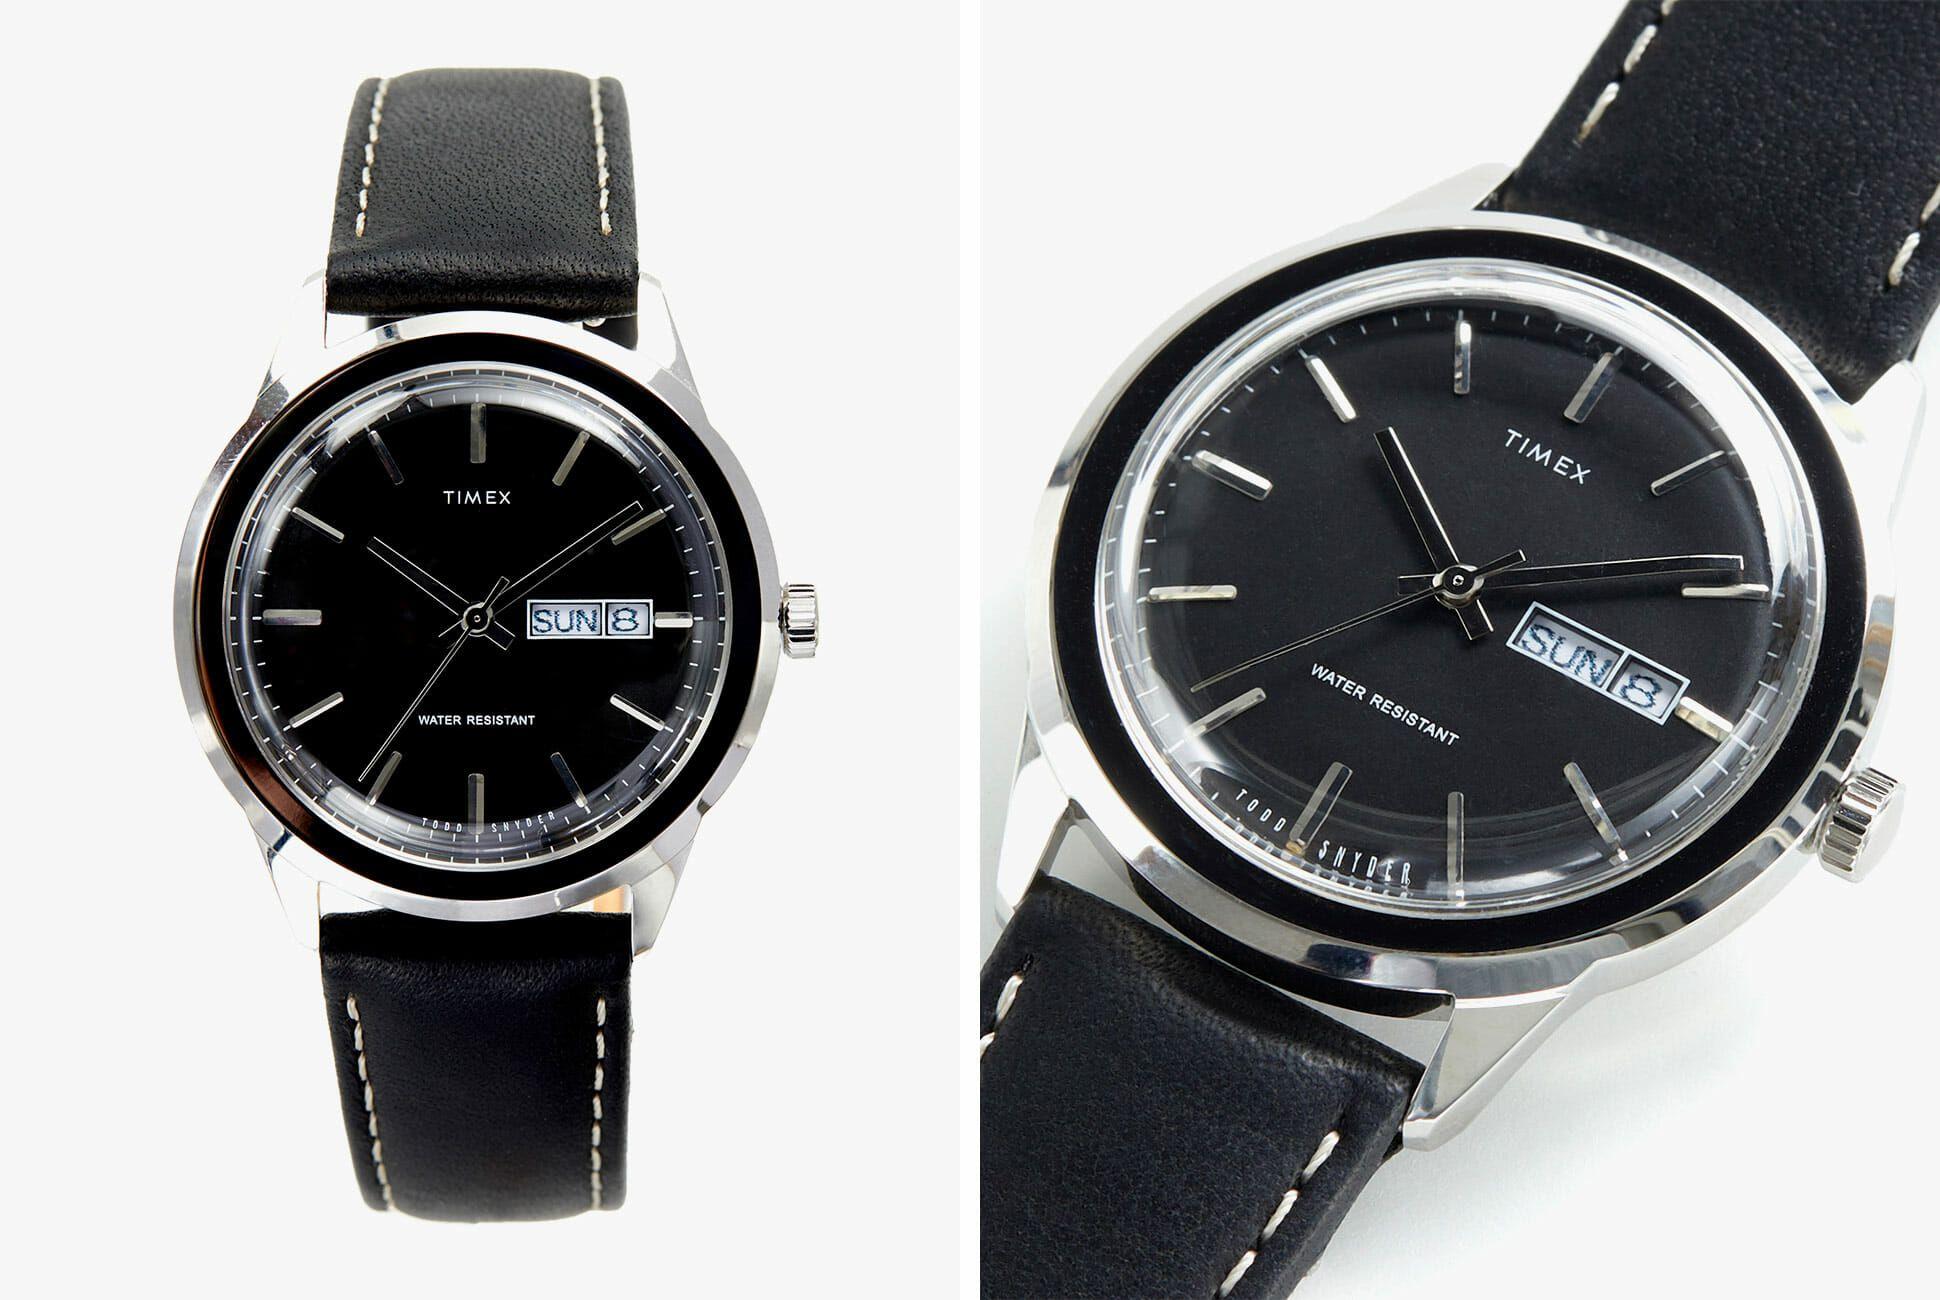 Todd-Snyder-x-Timex-Mid-Century-Watch-gear-patrol-slide-1